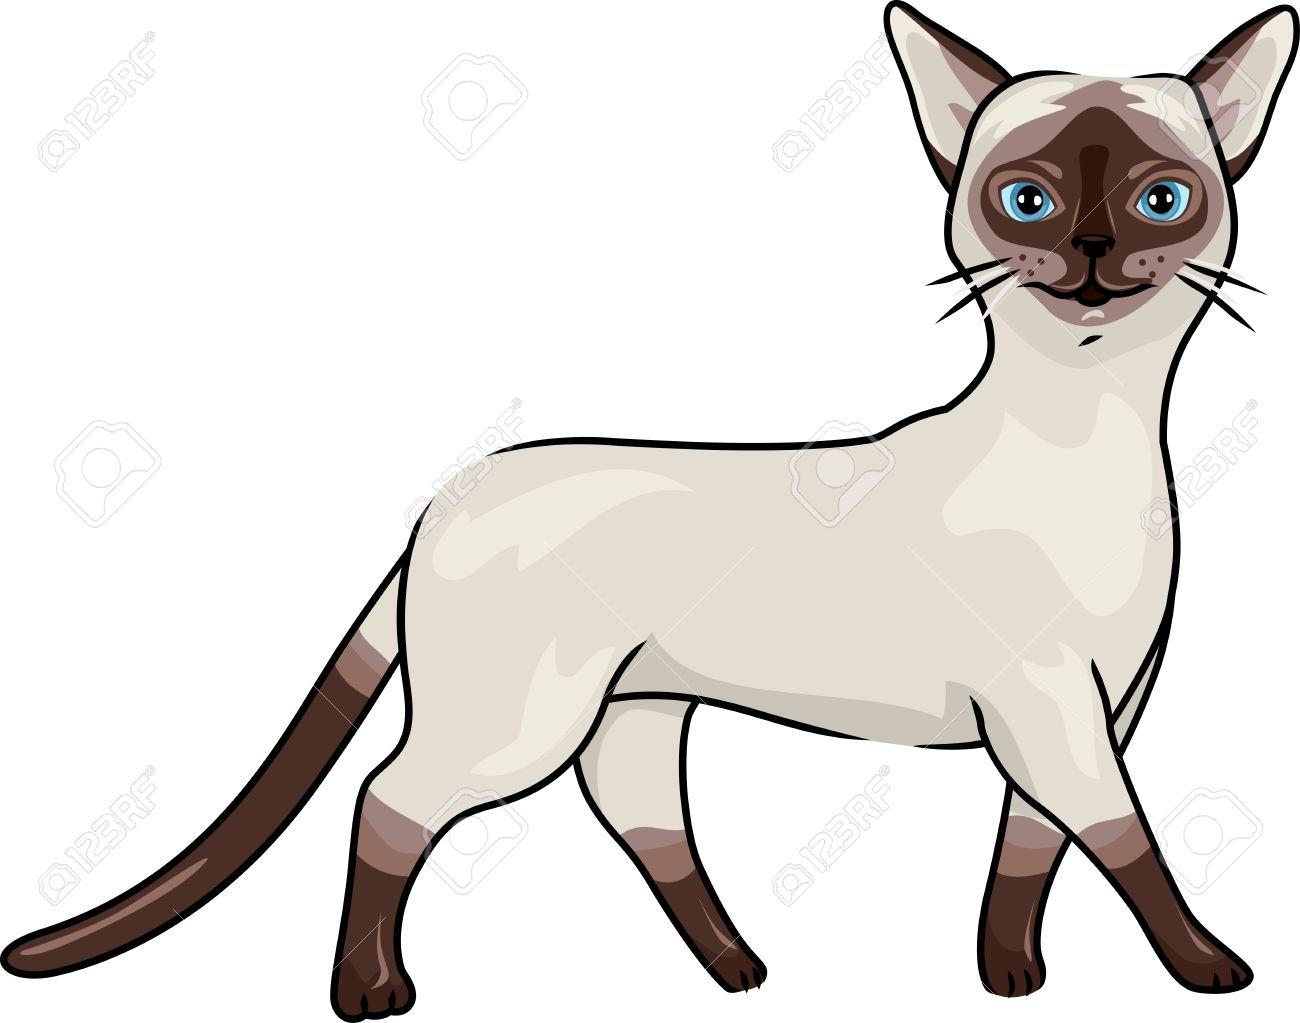 優雅に歩くシャム猫のイラスト の写真素材画像素材 Image 15067761